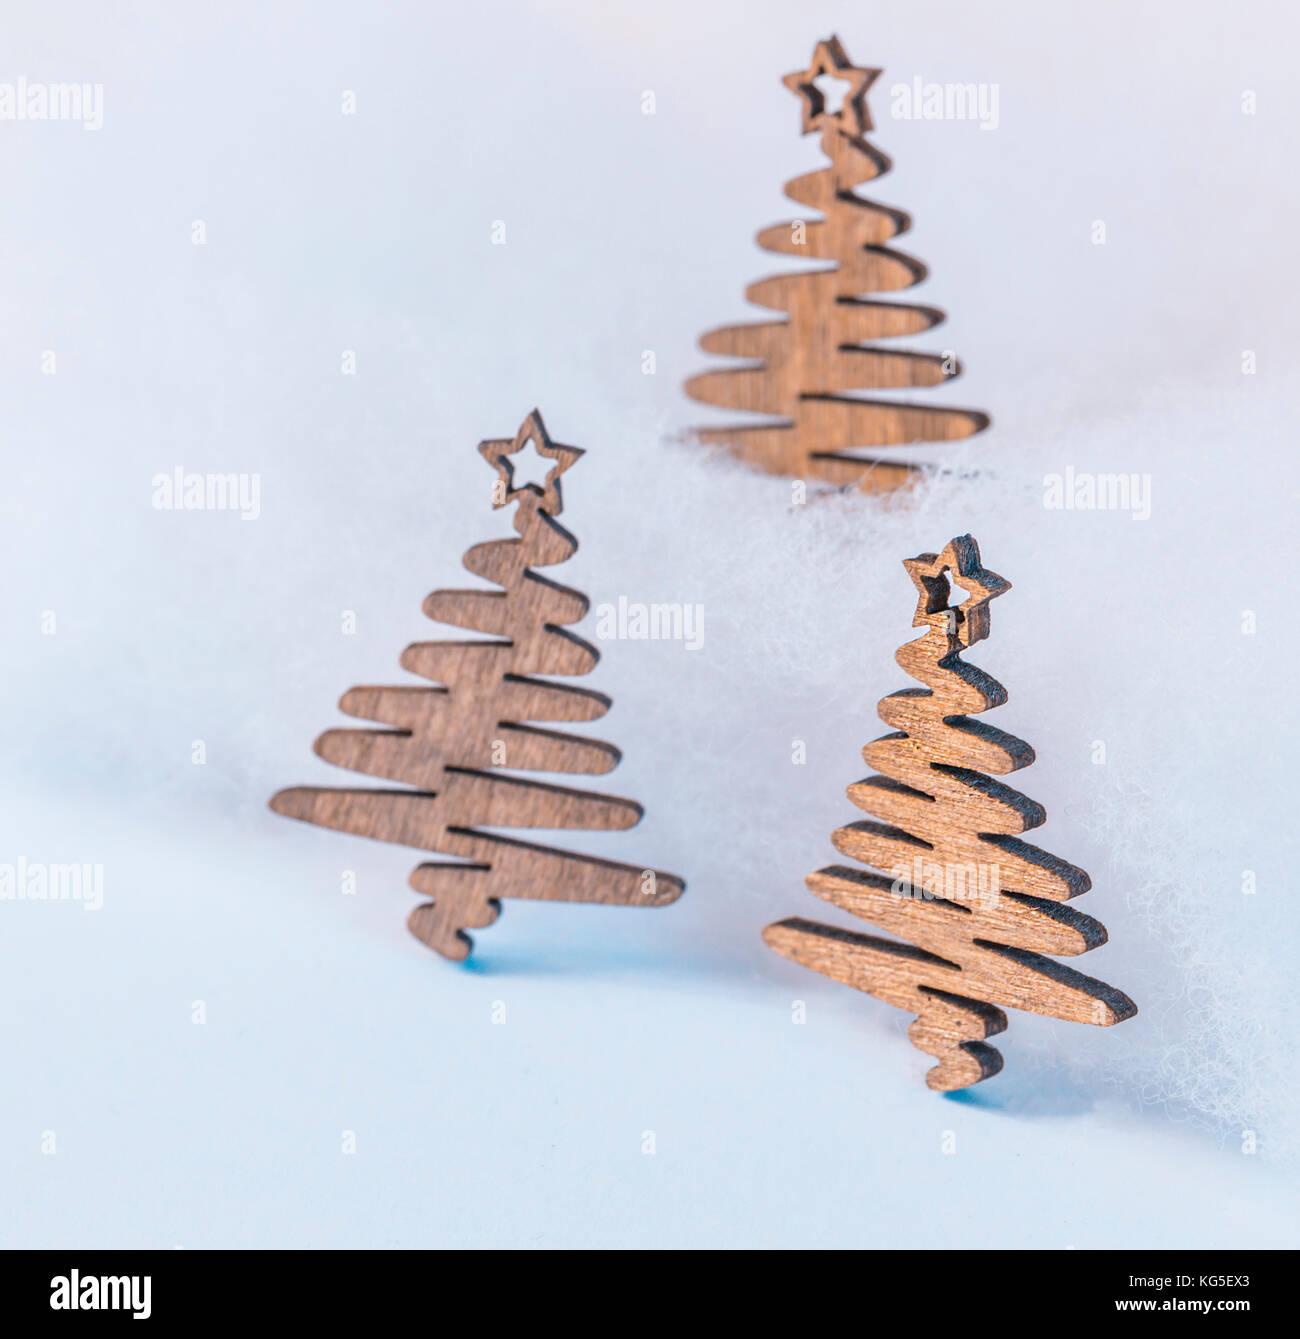 Weihnachten Motiv mit Holzfiguren - Platz für Text Stockfoto